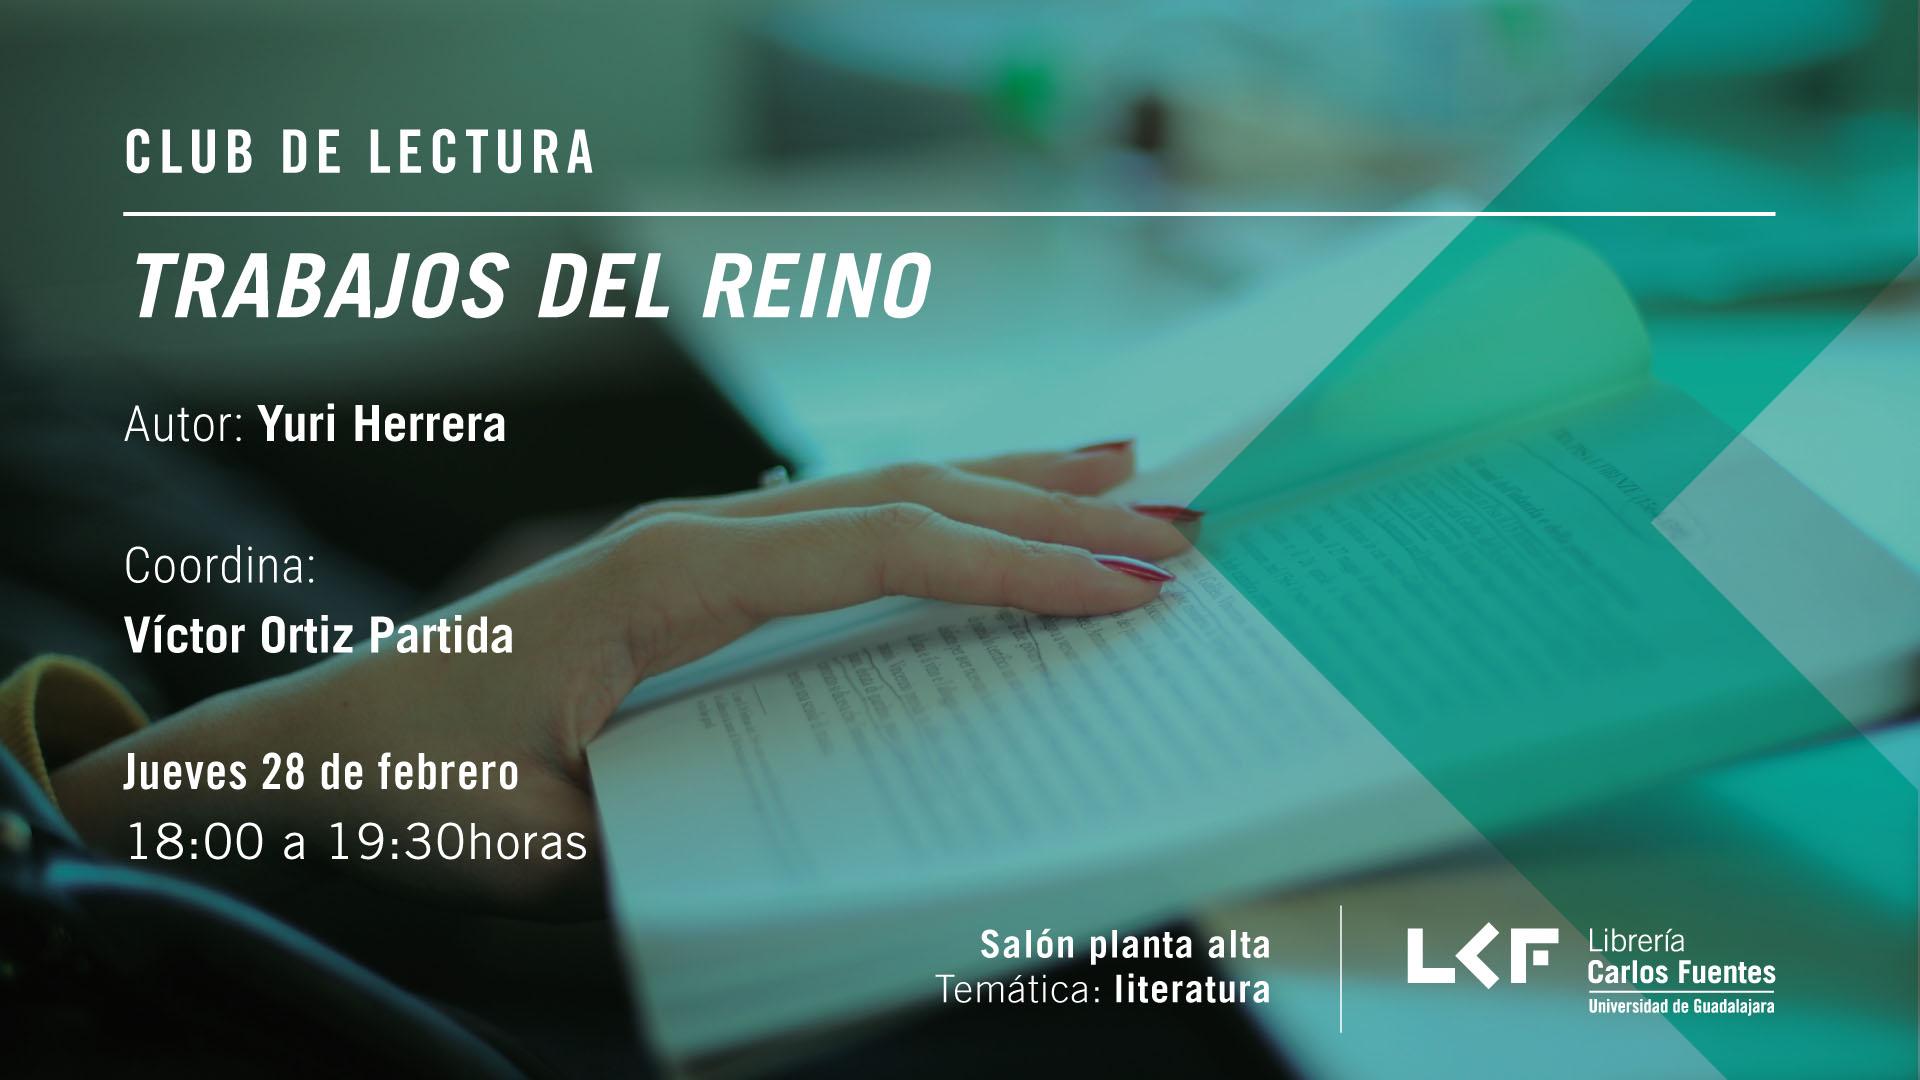 Cartel informativo sobre el Club de lectura: Trabajos del reino, el 28 de febrero, de 18:00 a 19:30 h. en el Salón planta alta. Librería Carlos Fuentes